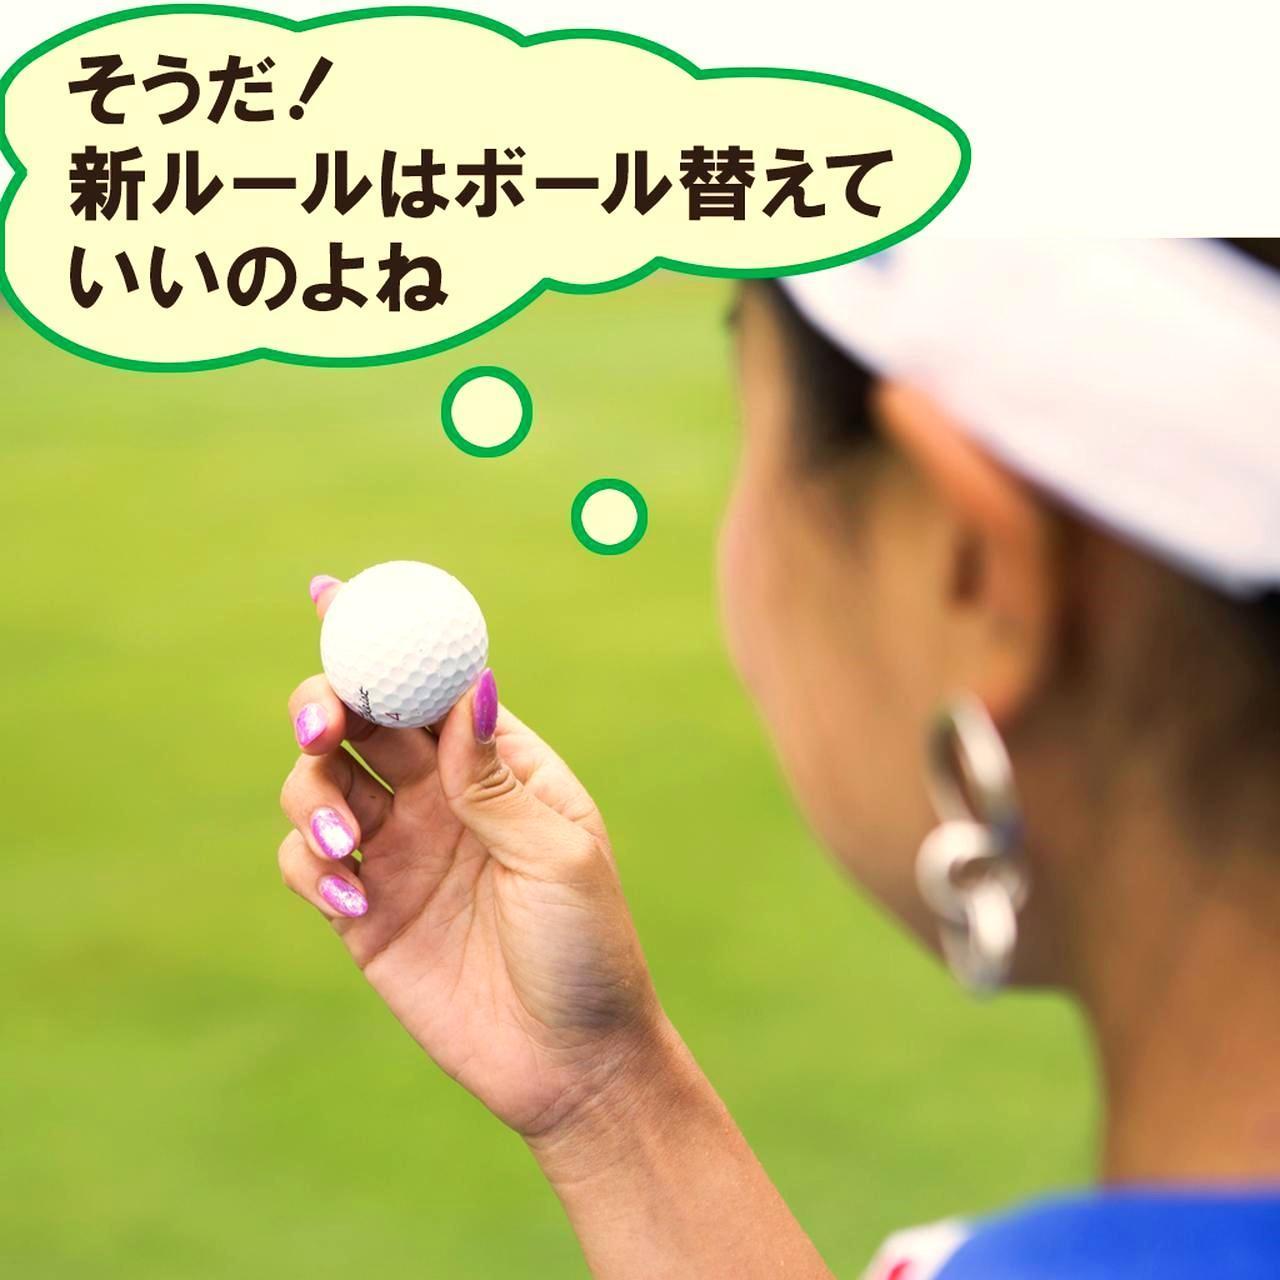 画像3: 【新ルール】グリーン上でマークしたボールは、別のボールに交換できる?